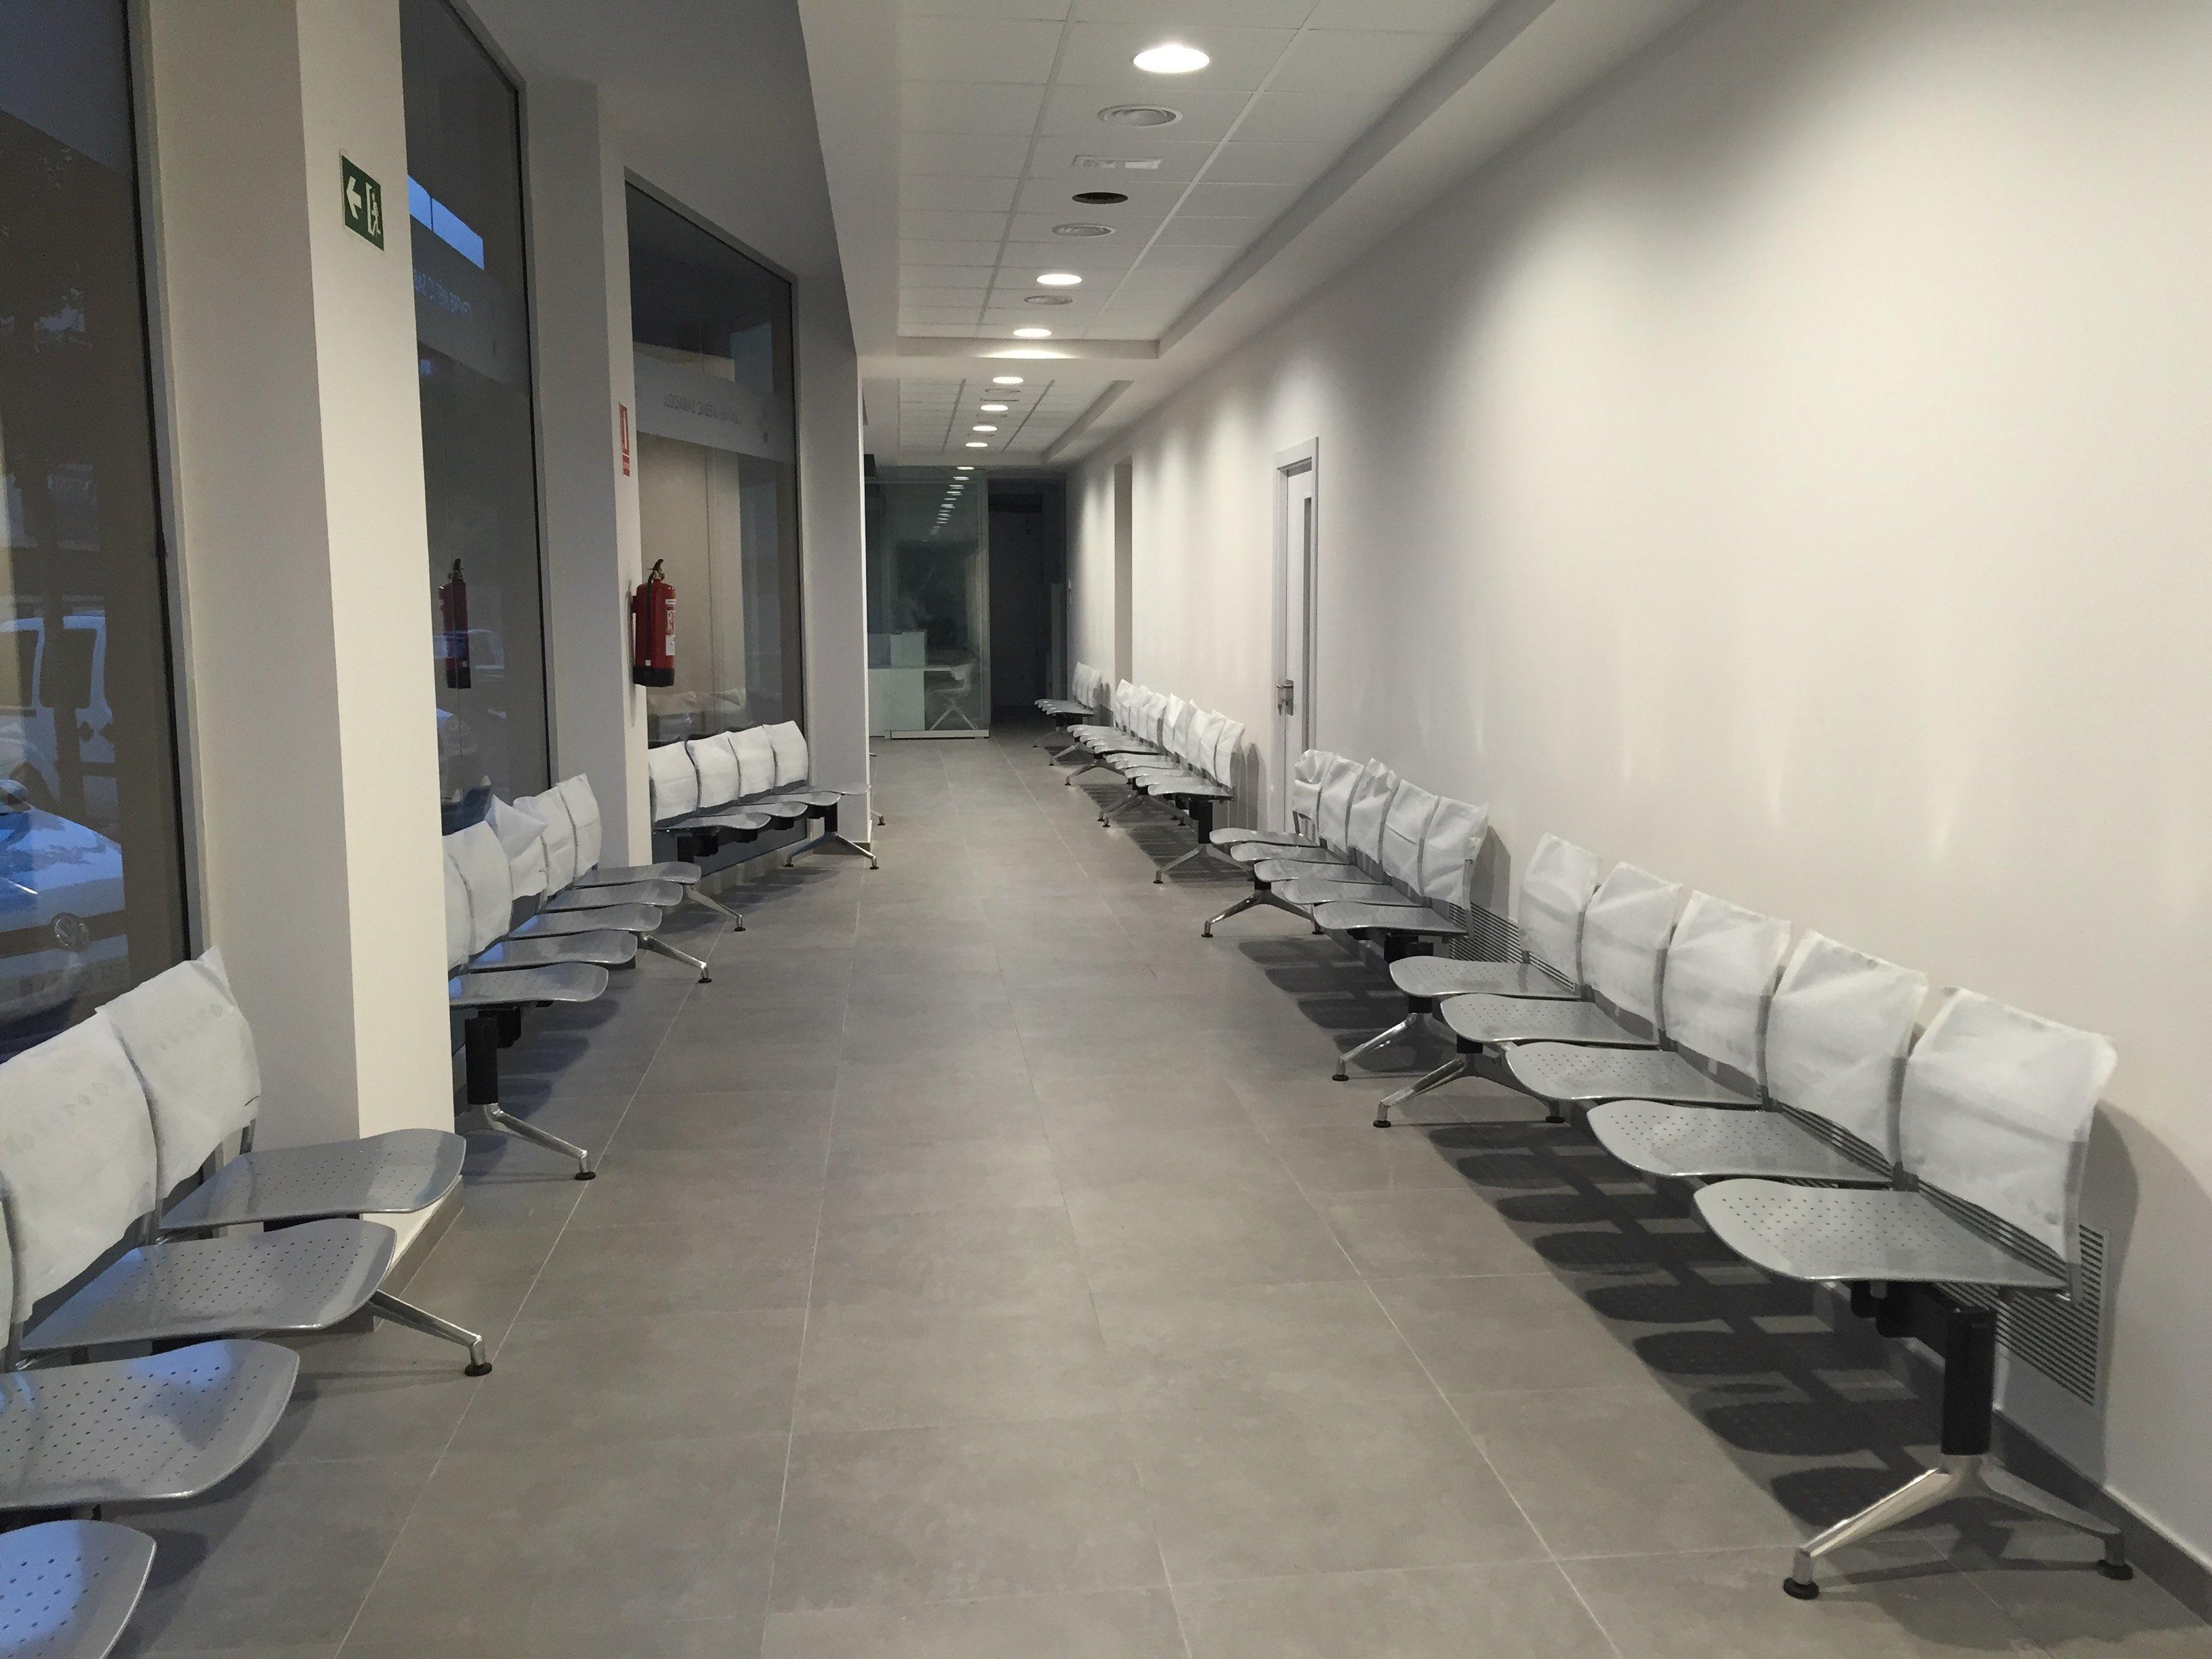 Centro médico en Sabadell pasillo